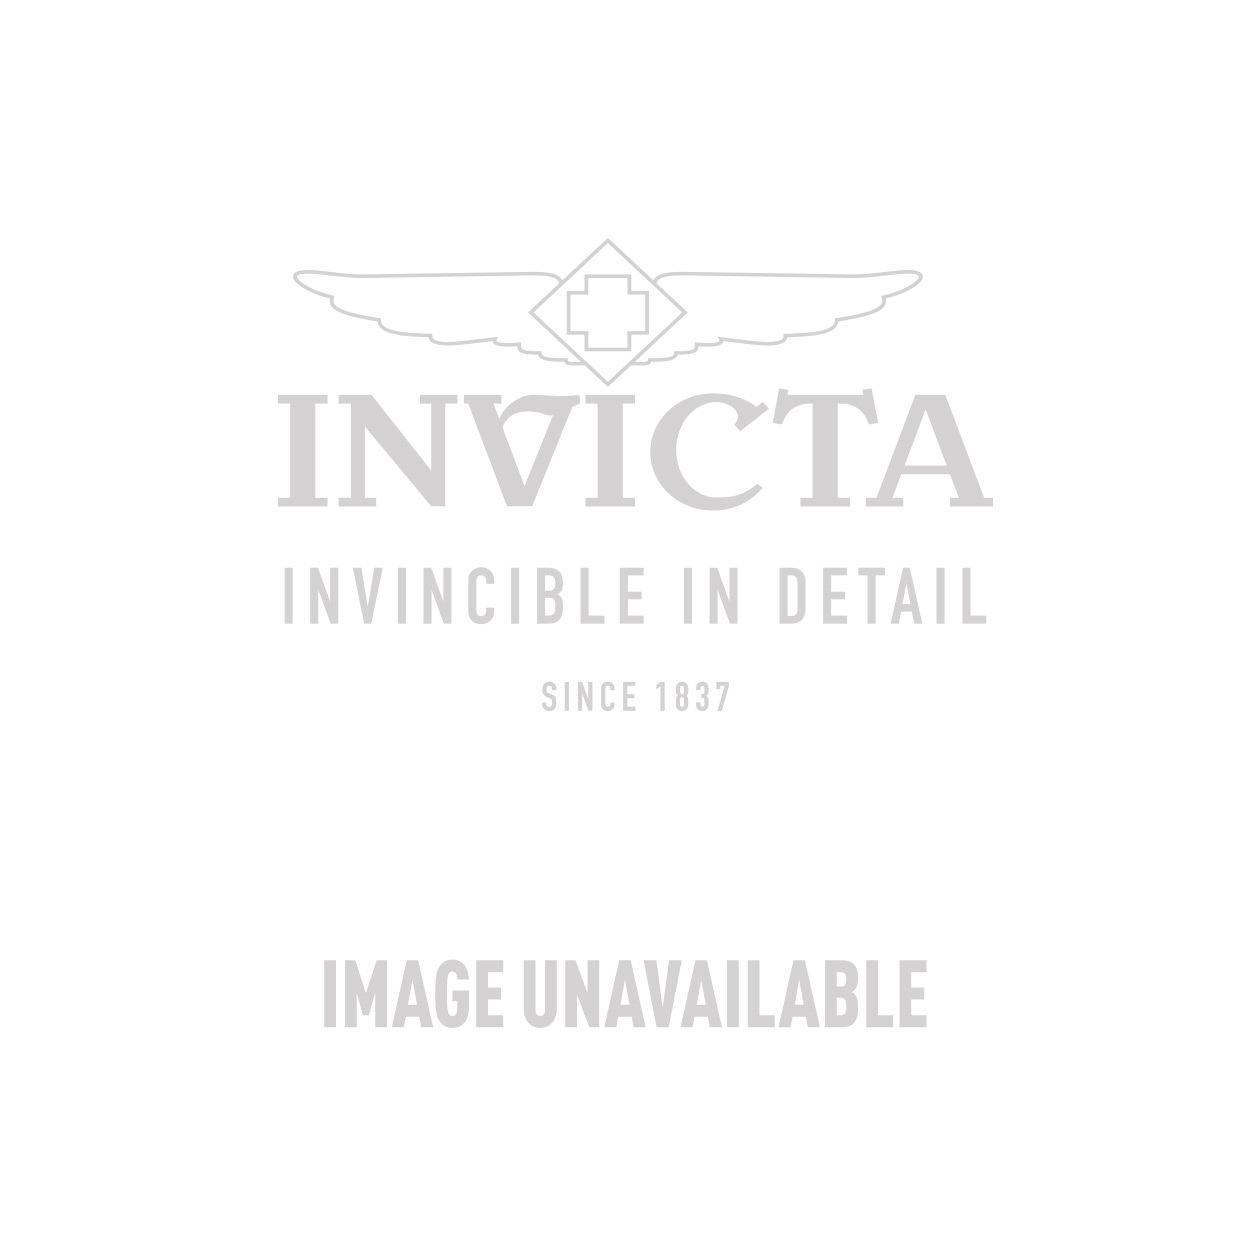 Invicta Model 23561